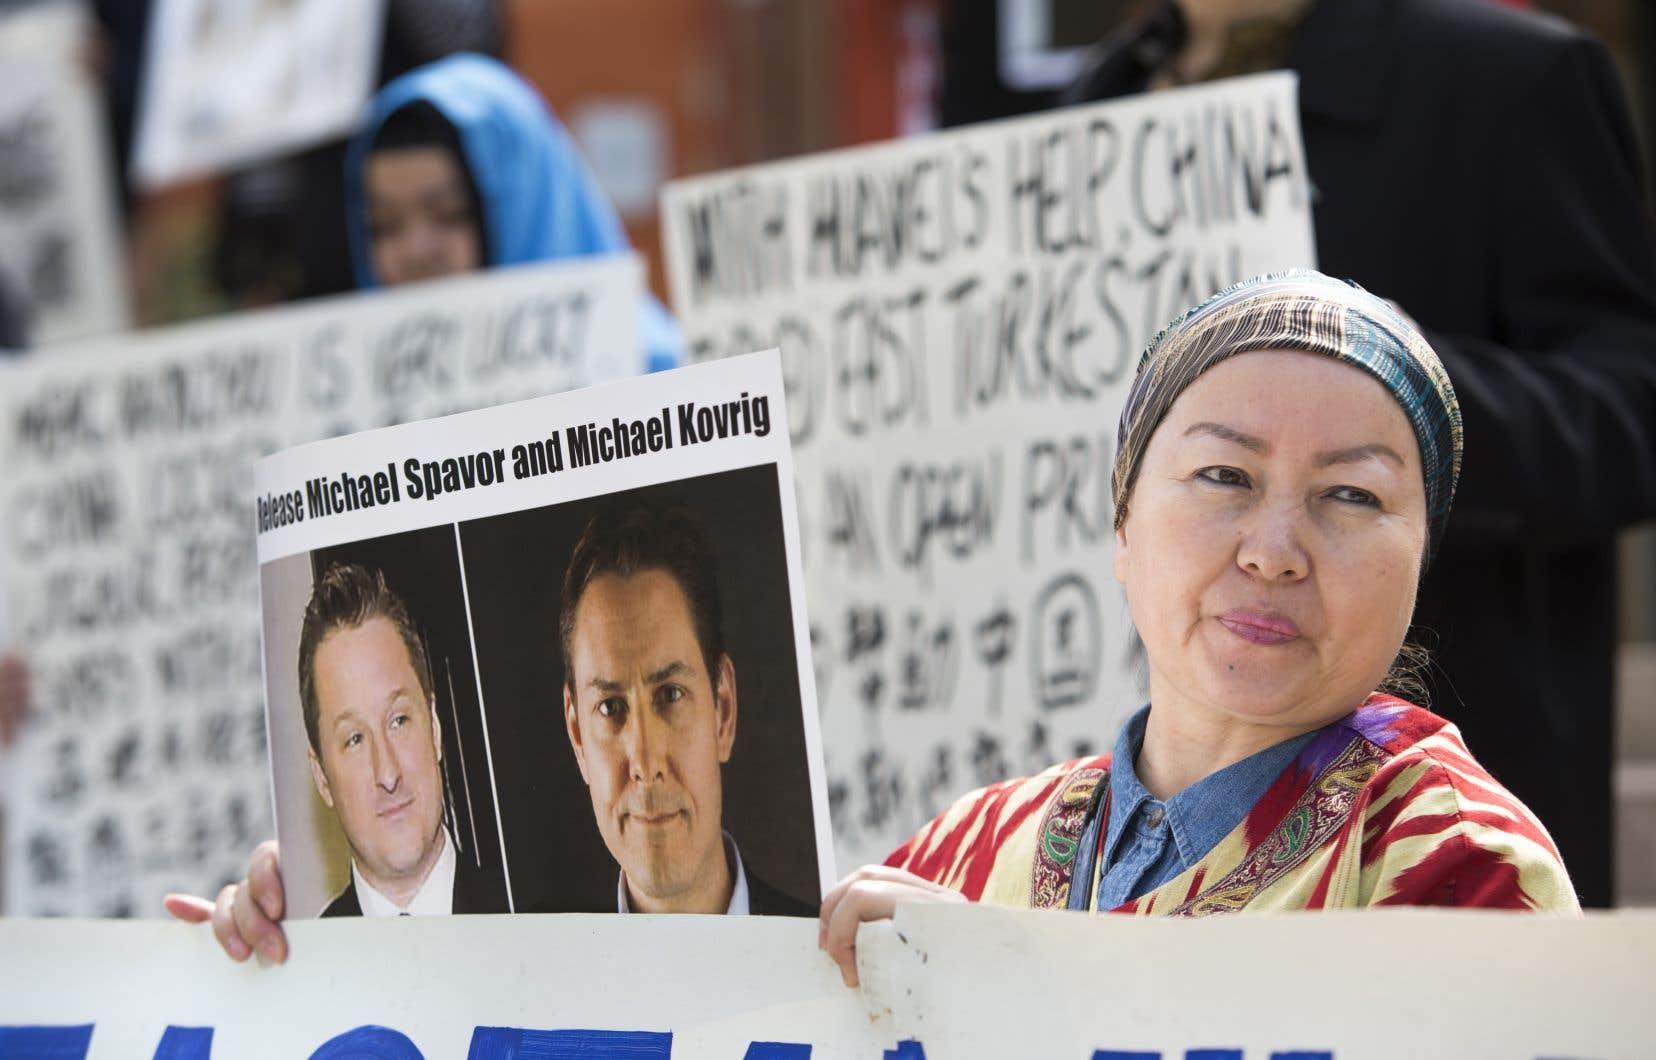 Des manifestants brandissent des photos de Michael Spavor et Michael Kovrig lors d'un rassemblement à Vancouver.